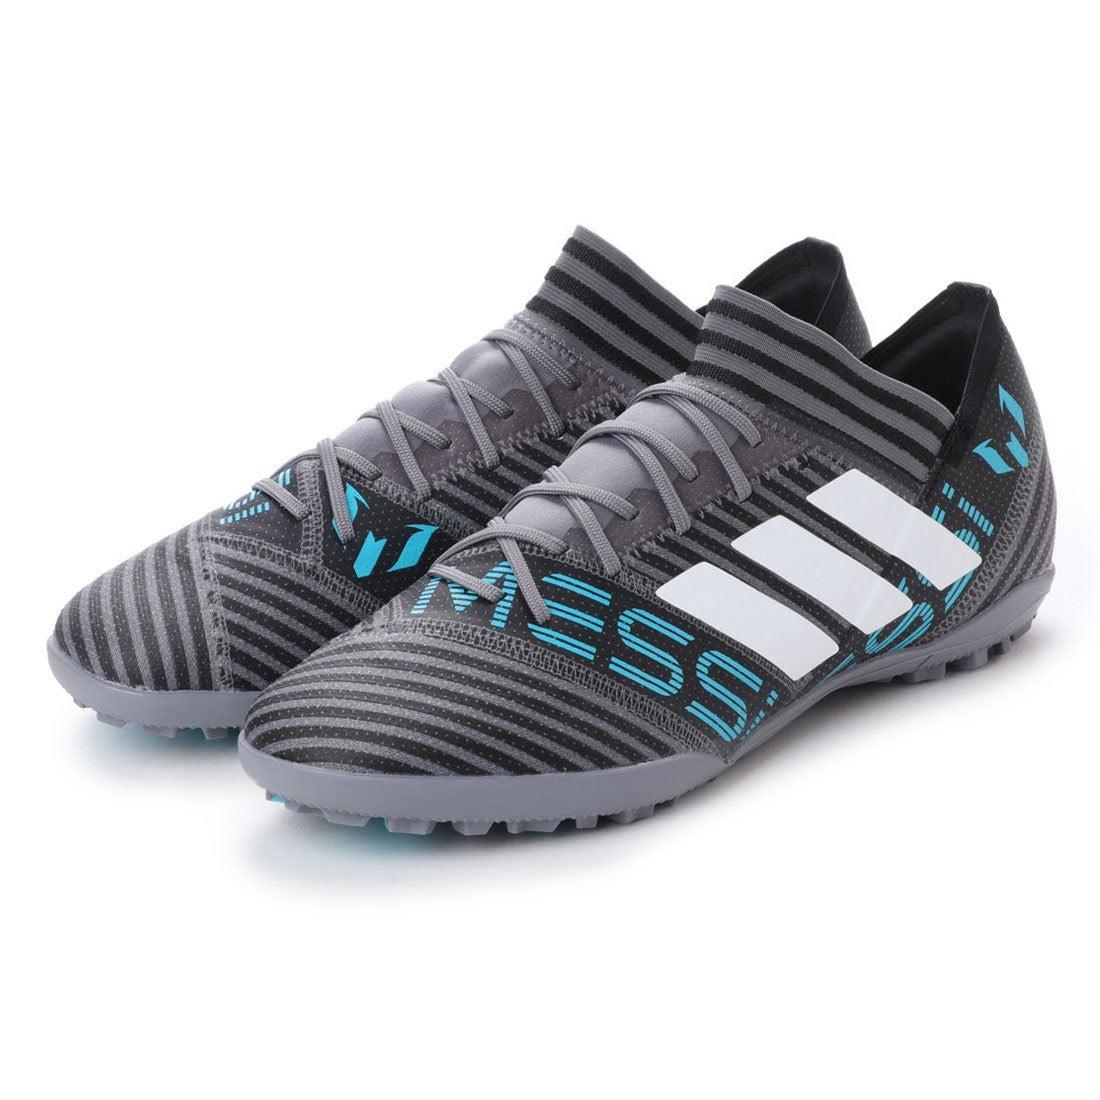 【SALE 30%OFF】アディダス adidas サッカー トレーニングシューズ ネメシス メッシ タンゴ 17.3 TF CP9110